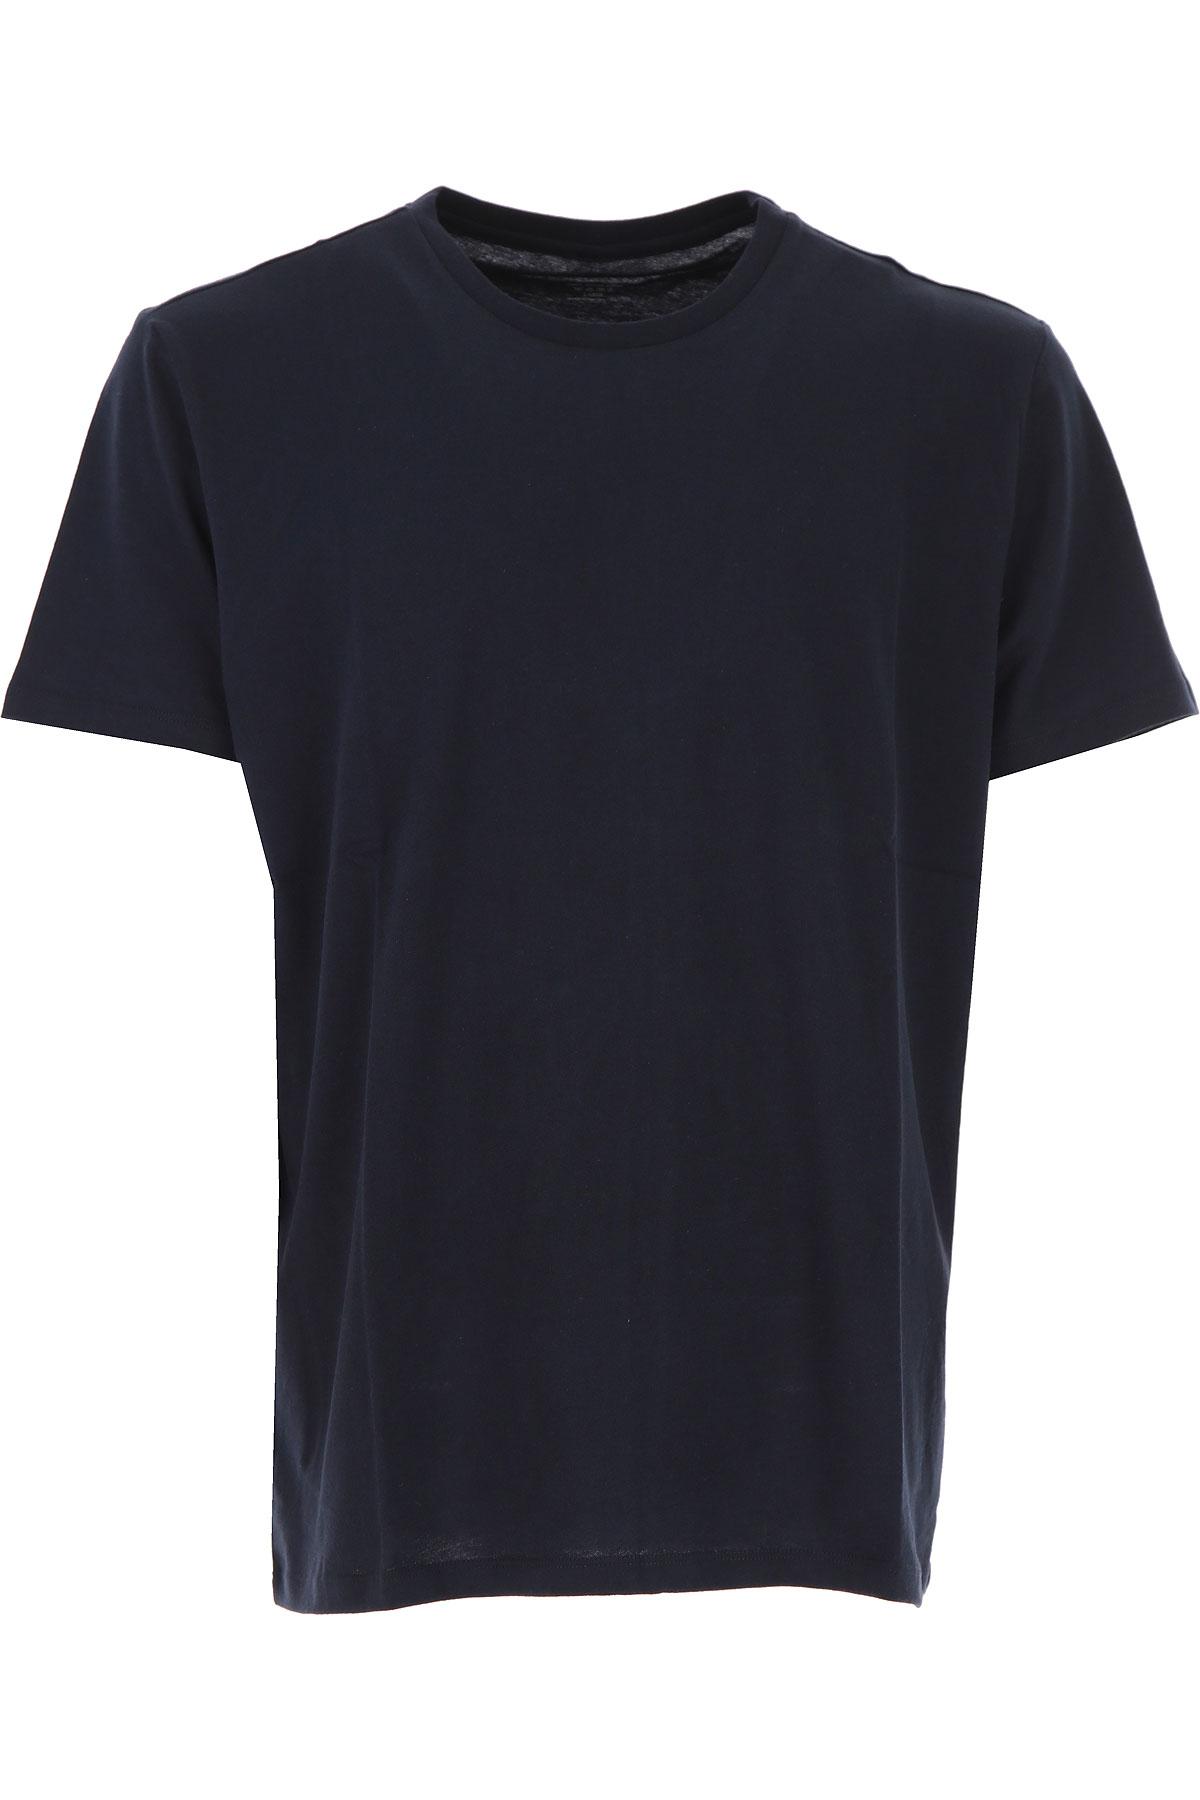 Image of Majestic Filatures T-Shirt for Men, Marine, Cotton, 2017, L M XL